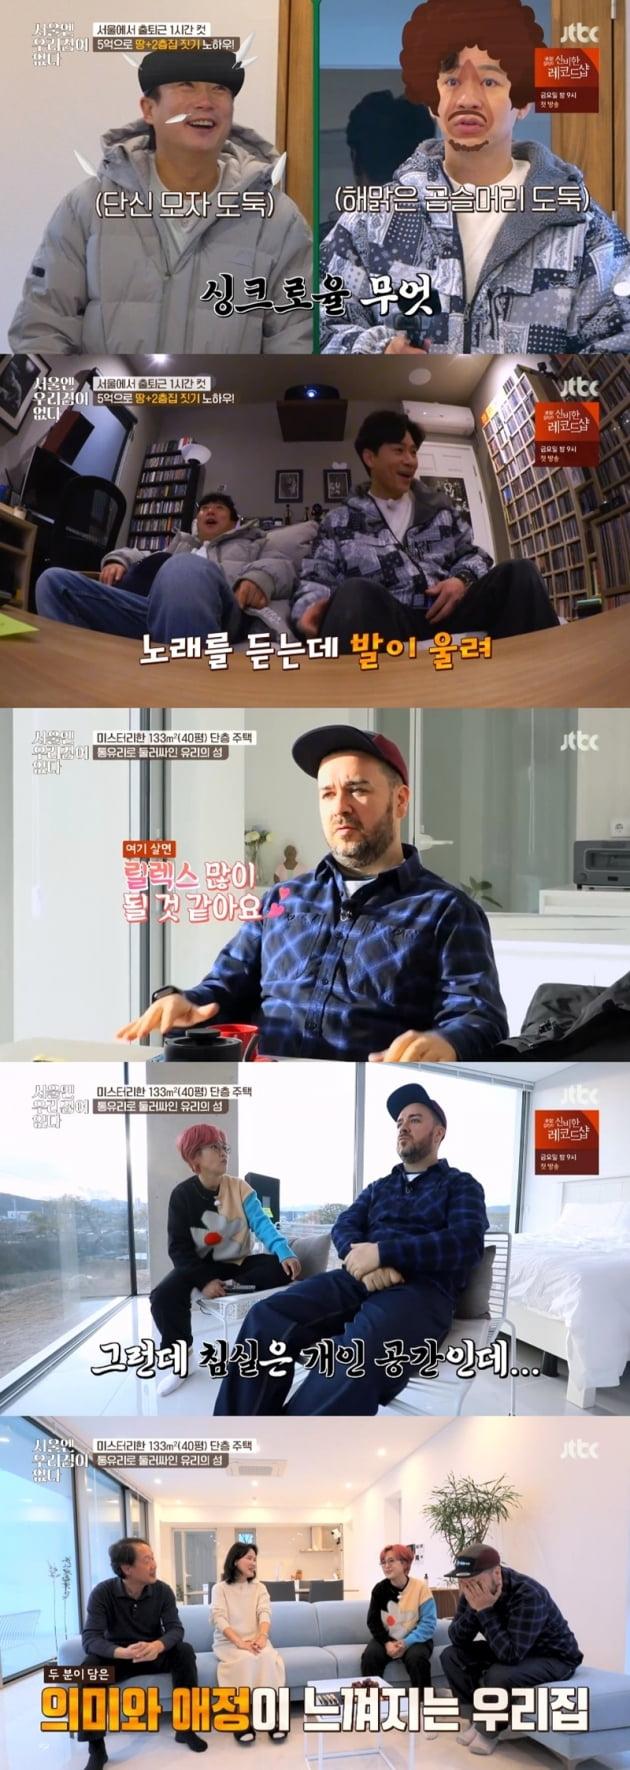 '서울엔 우리집이 없다' / 사진 = JTBC 영상 캡처